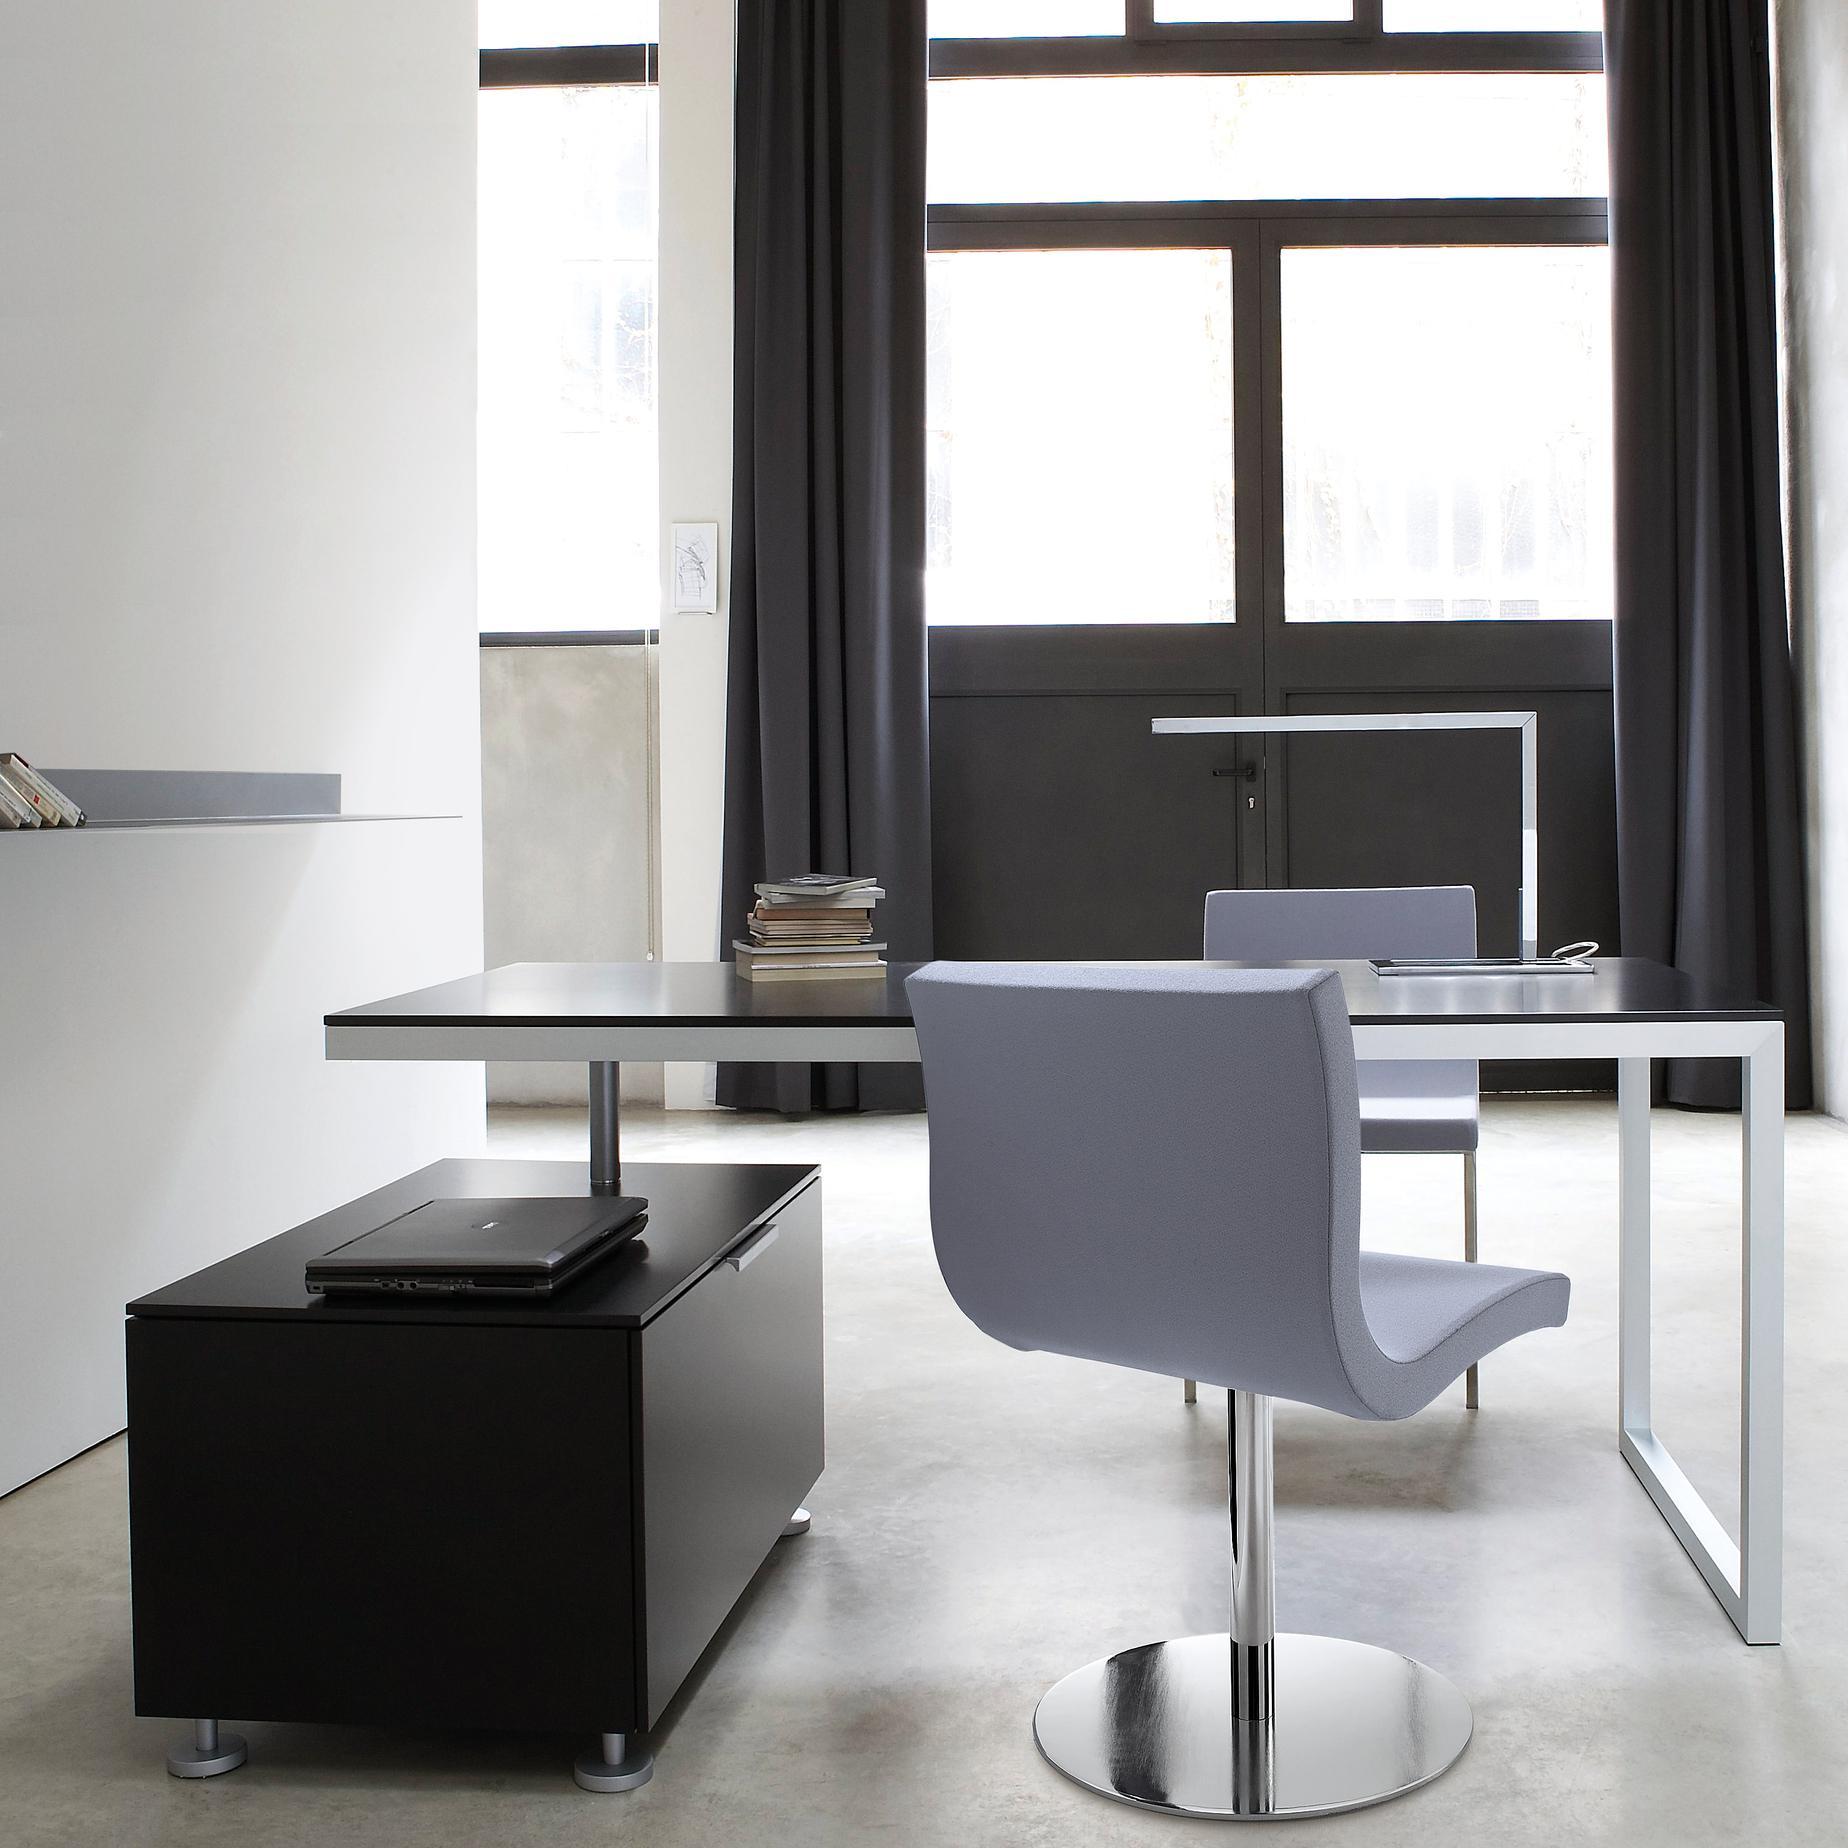 everywhere desks secretaires designer christian werner ligne roset. Black Bedroom Furniture Sets. Home Design Ideas